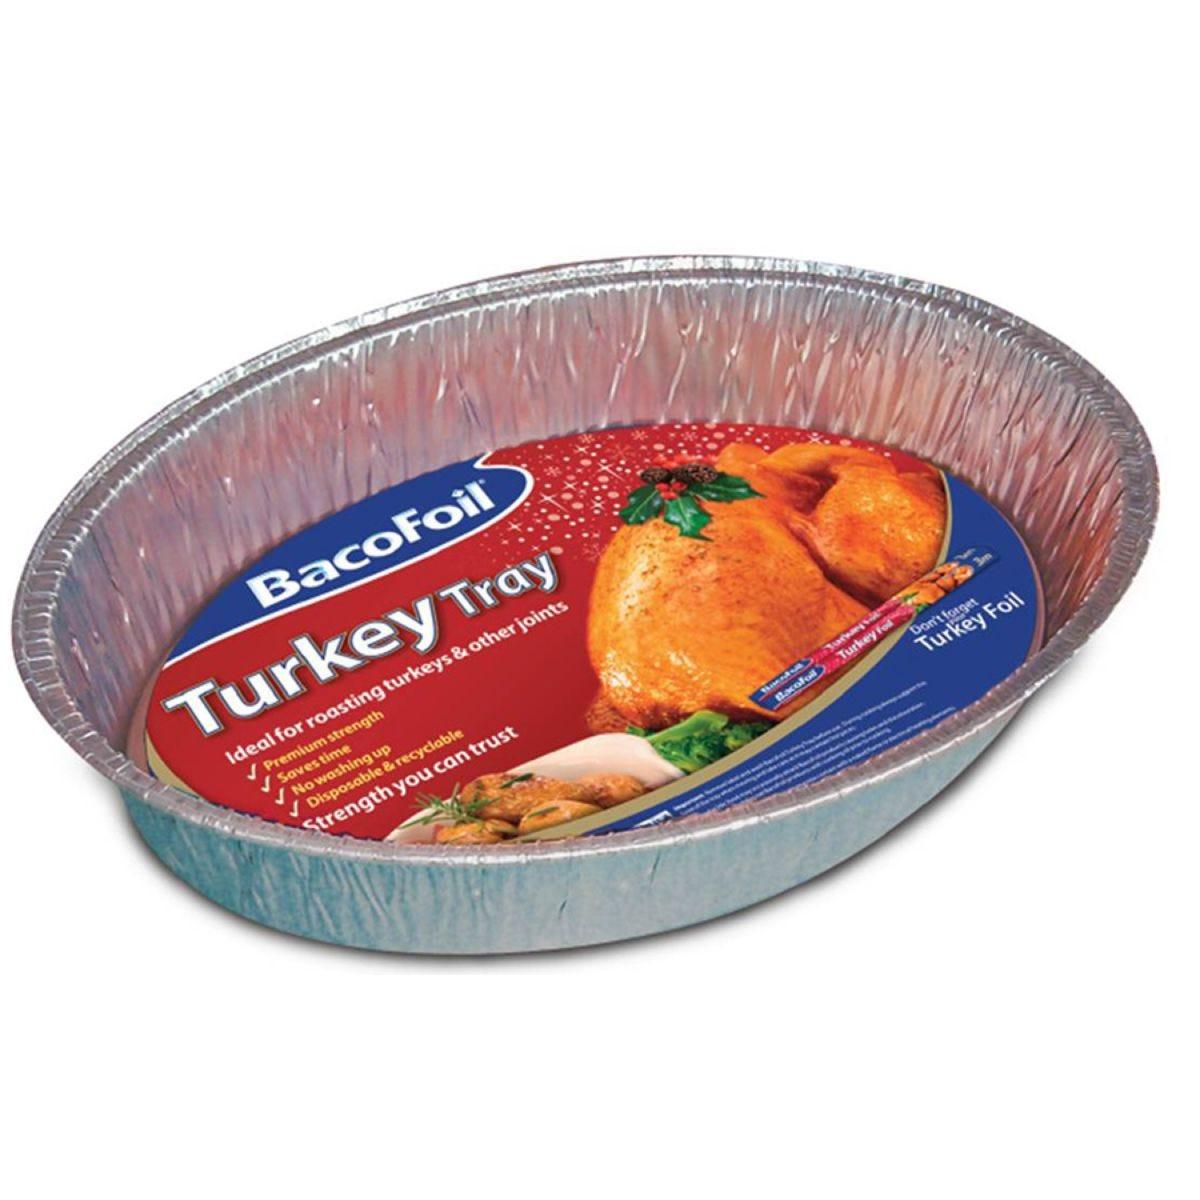 Bacofoil Turkey Trays